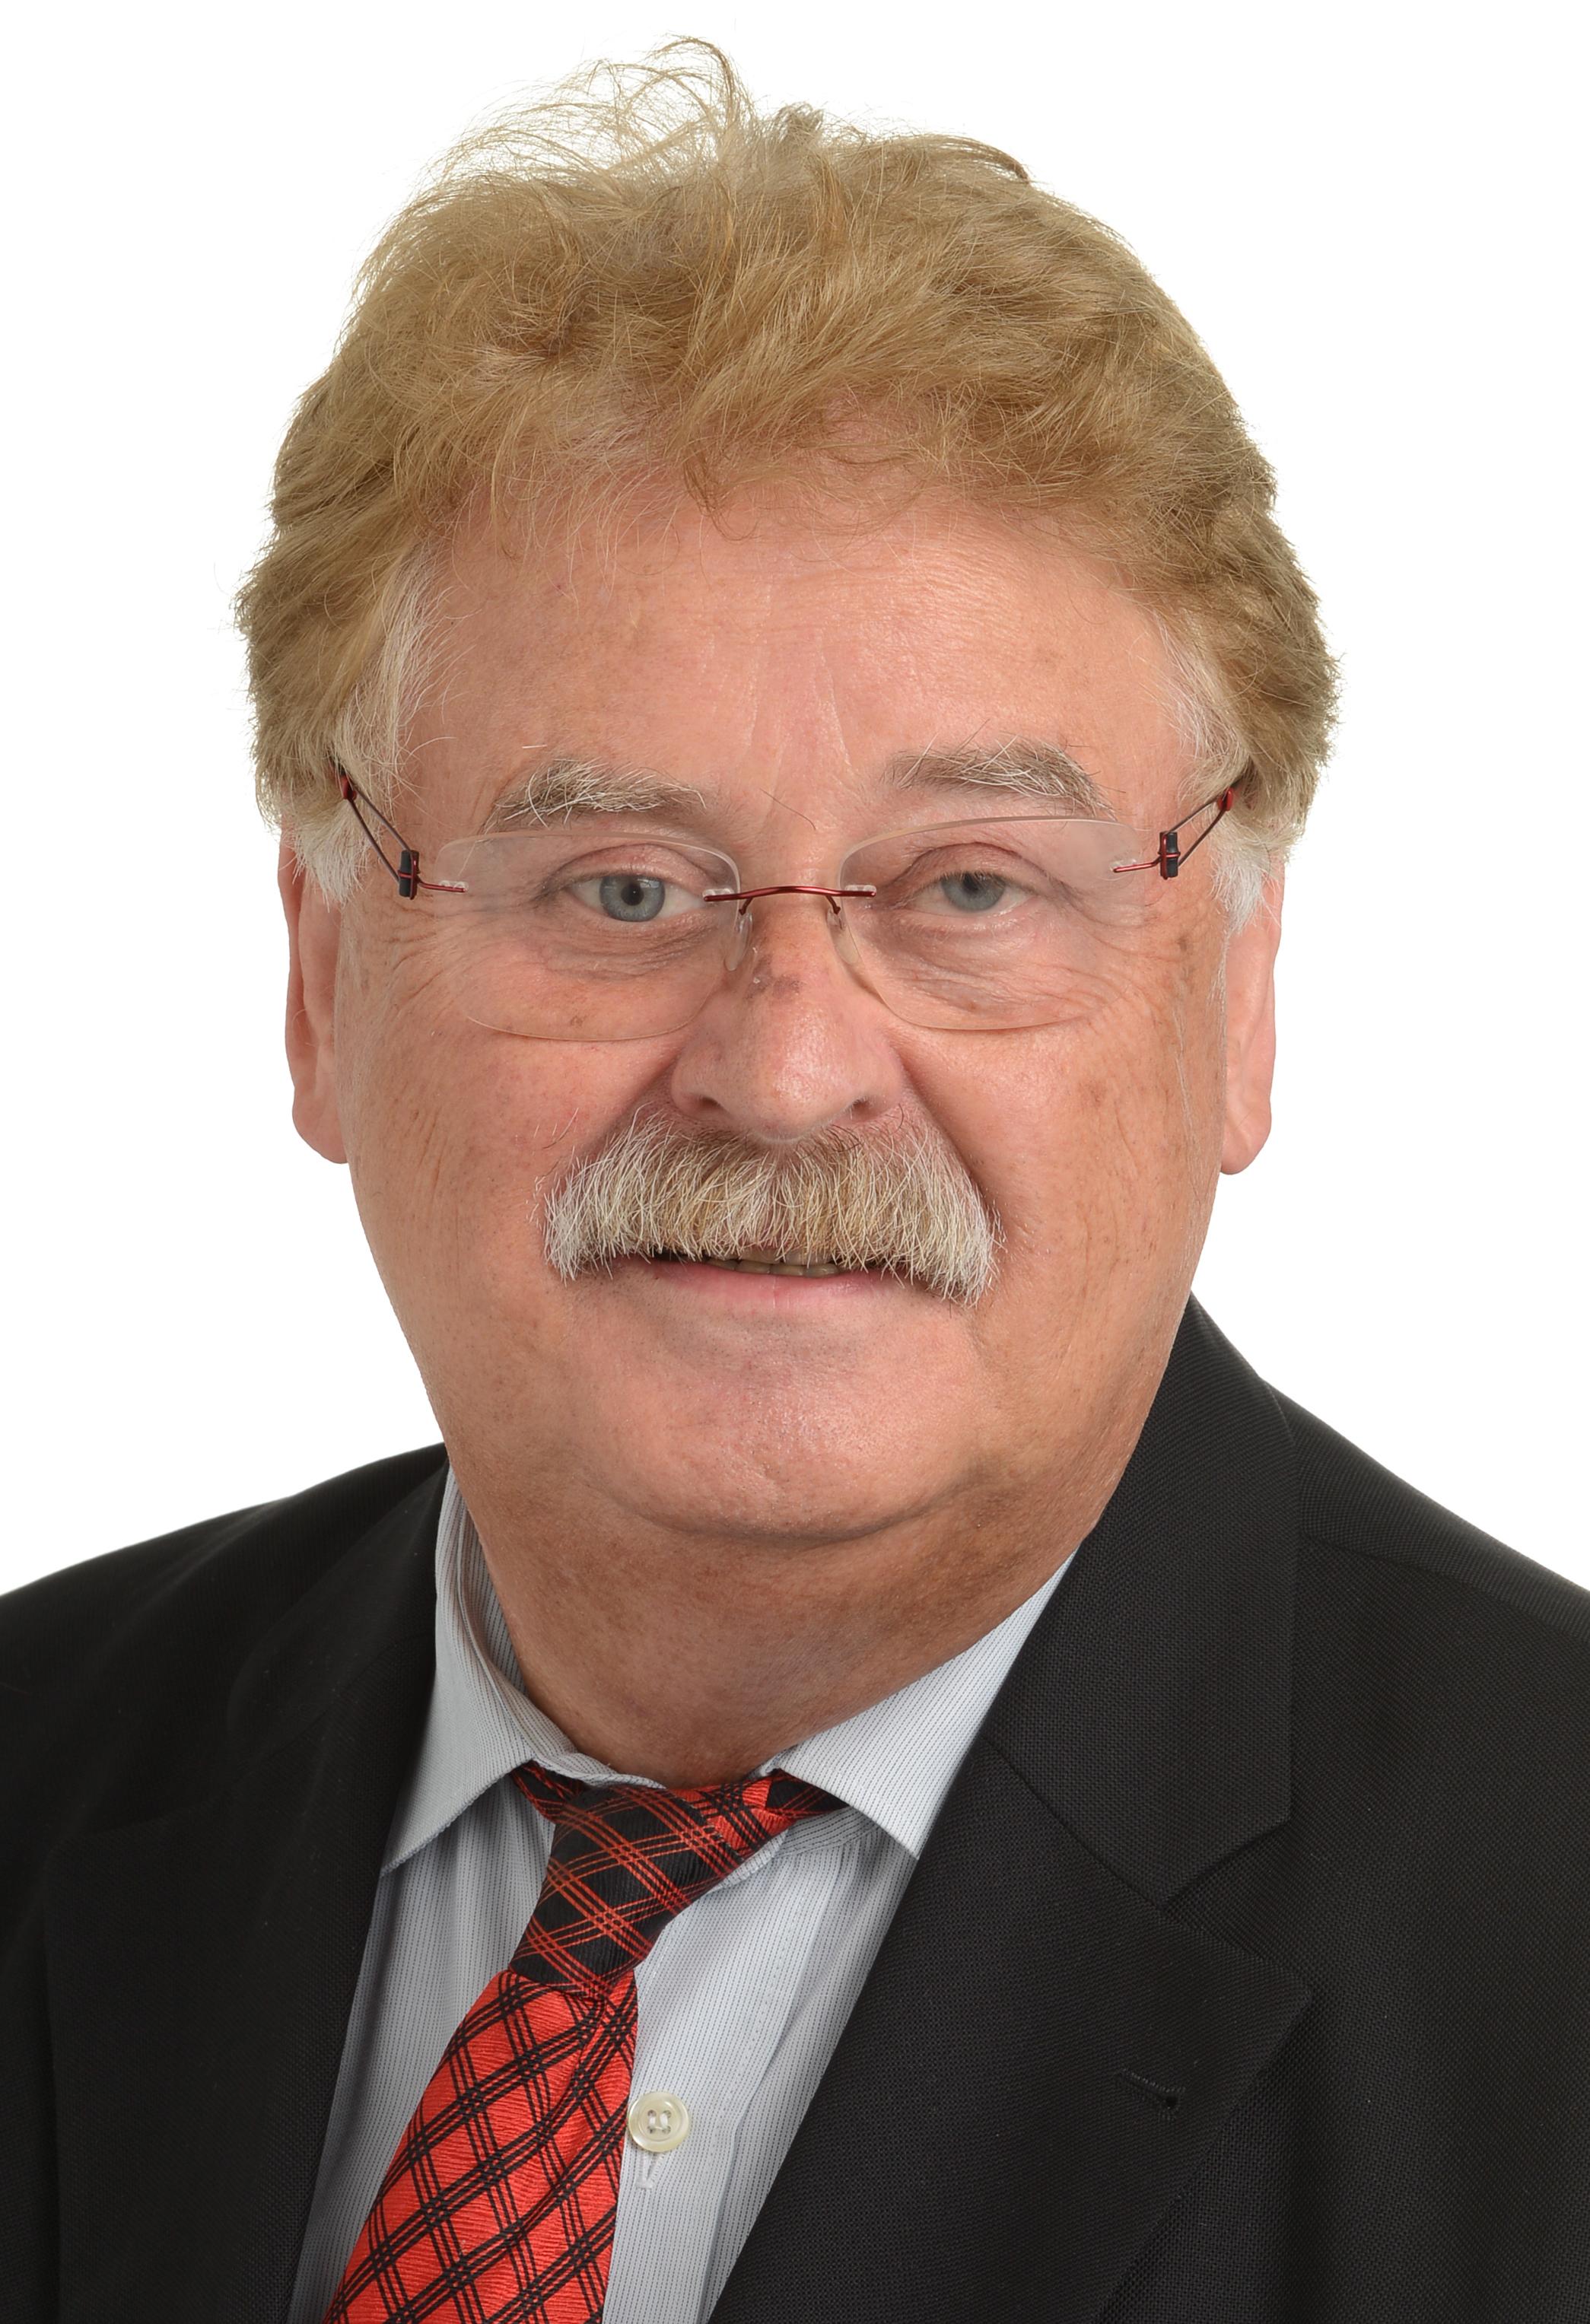 Quo vadis, Europa? – Vortrag von MdEP Elmar Brok